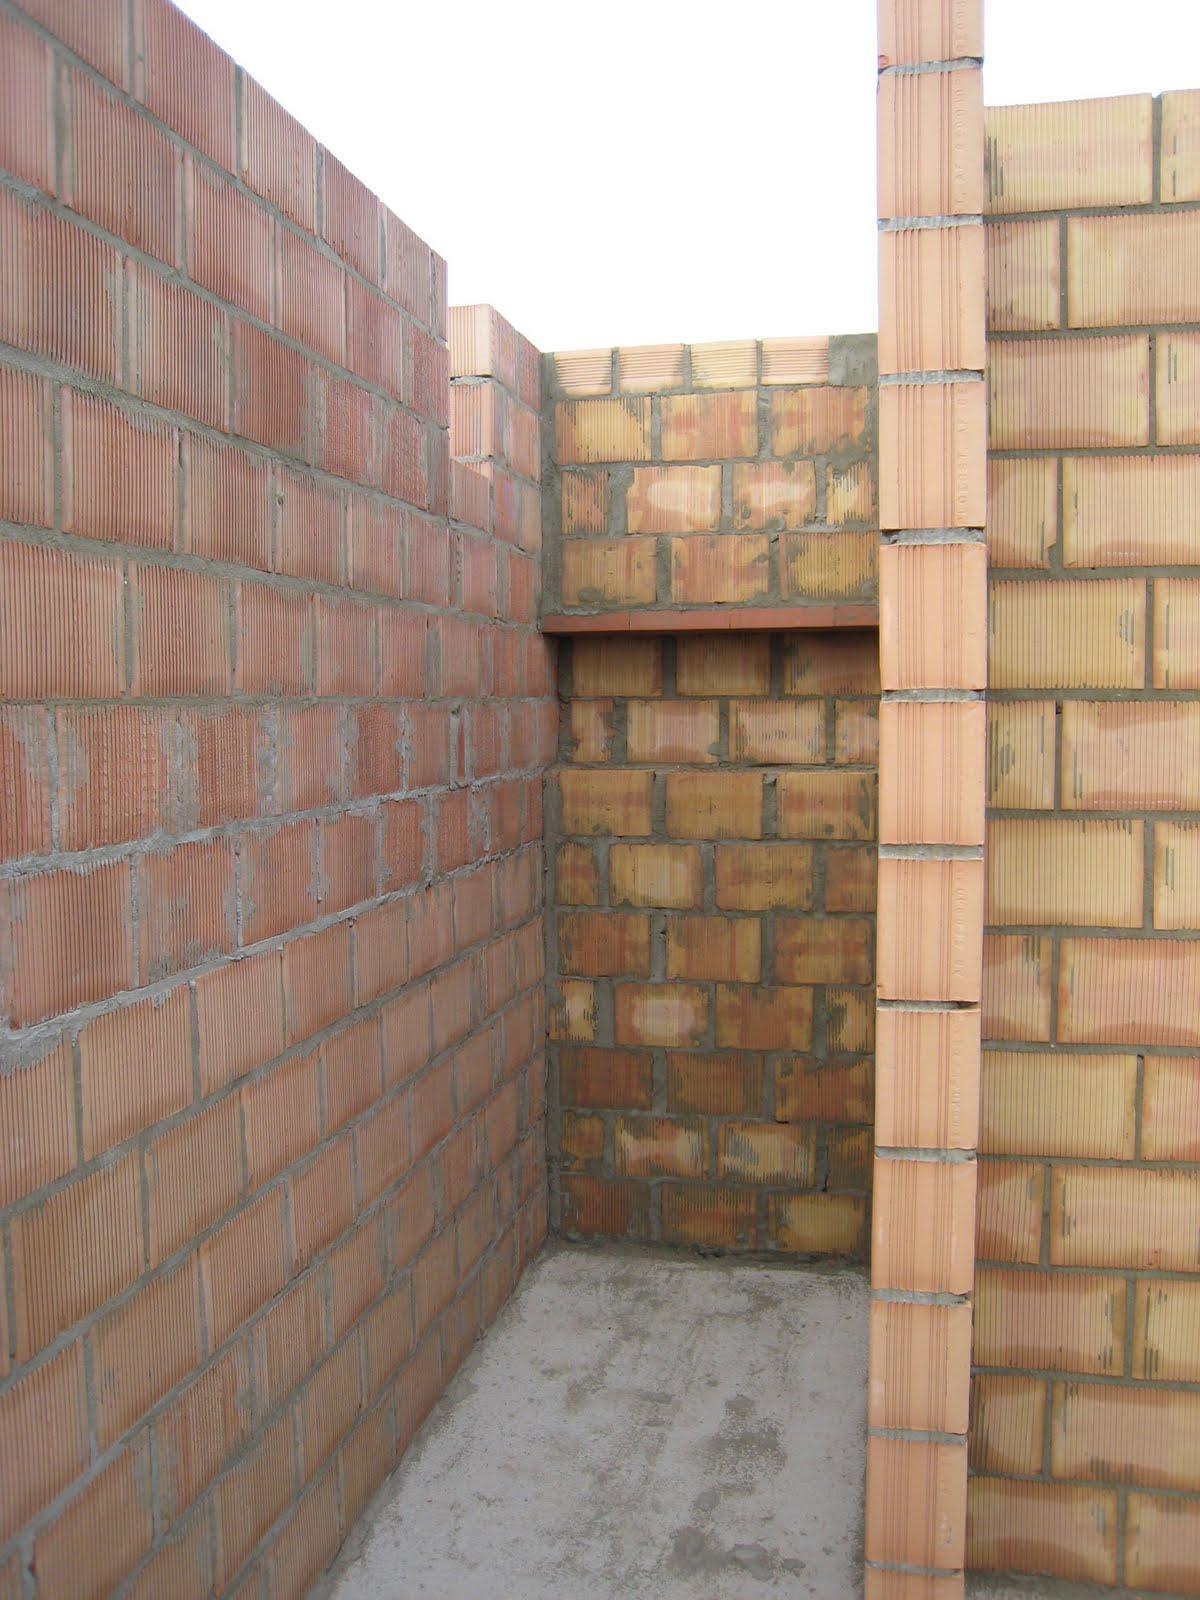 douche: nis in de muur in badkamer boven | Bouwinfo